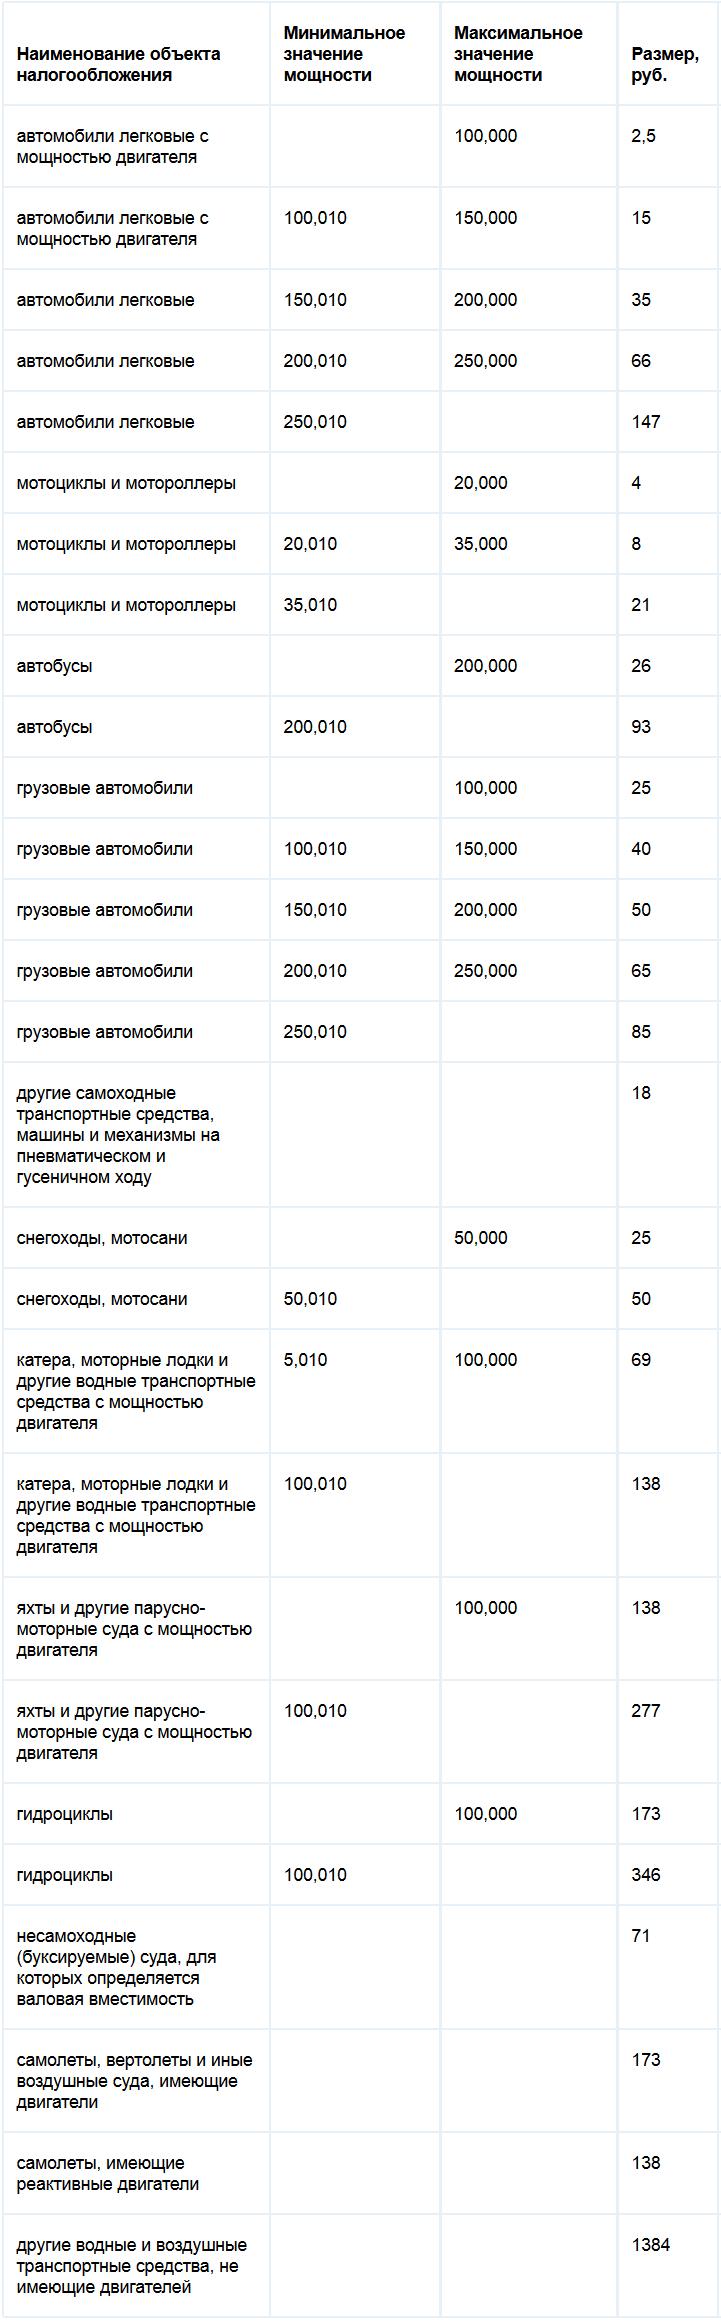 Ставки транспортного налога на 2012 год в калининградской обл сайты с проходными экспресс прогнозами на спорт